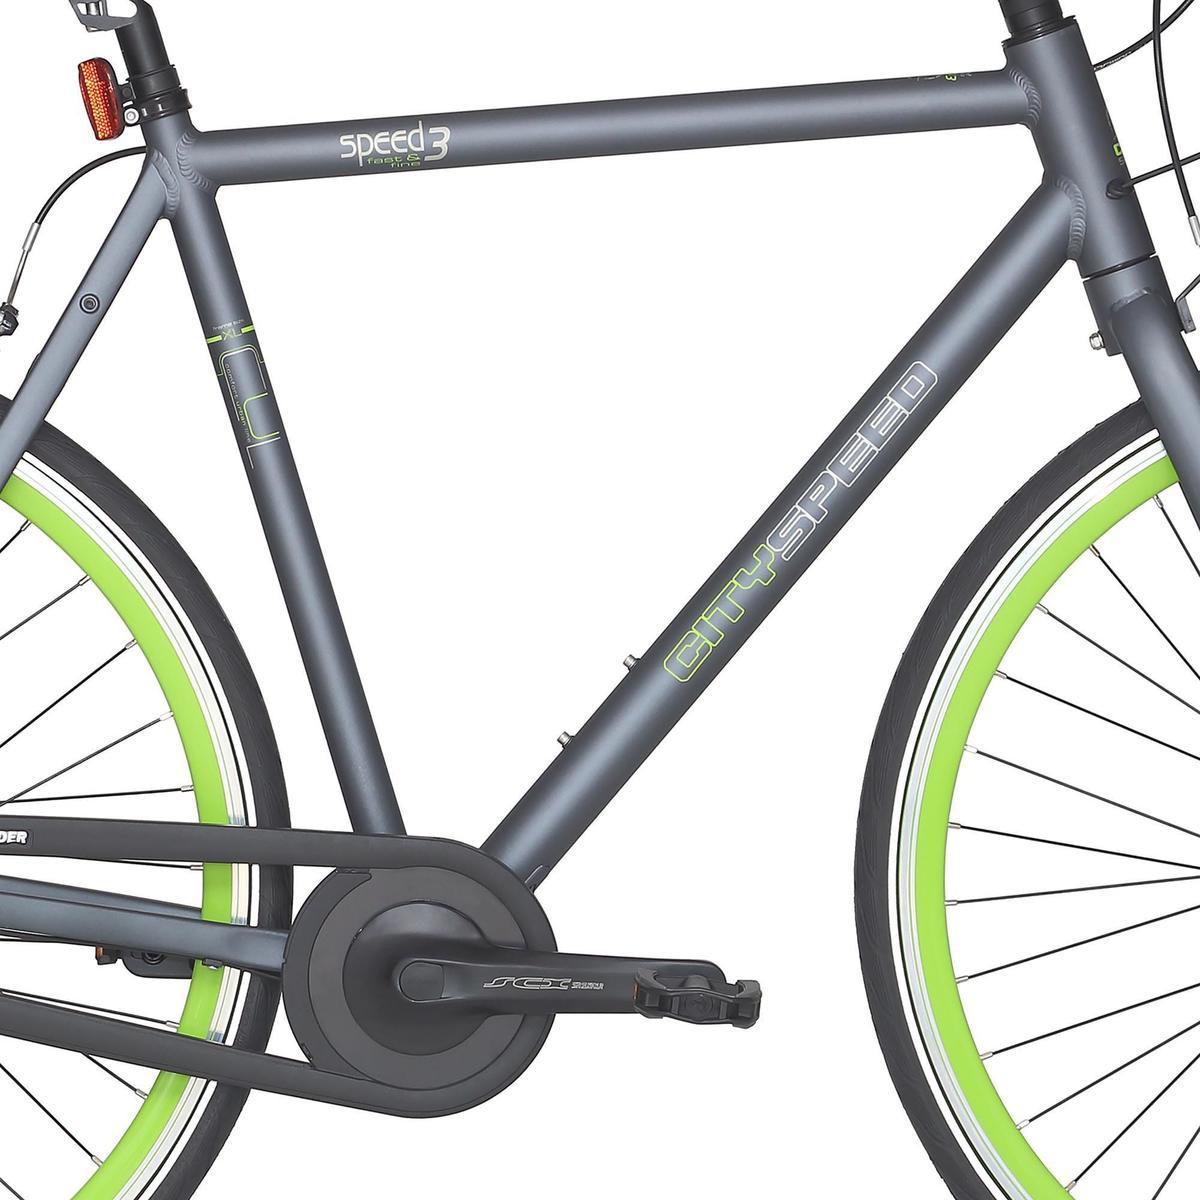 Bild 2 von City-Bike 28 City Speed 500 Nexus 3 mattgrau/neongrün